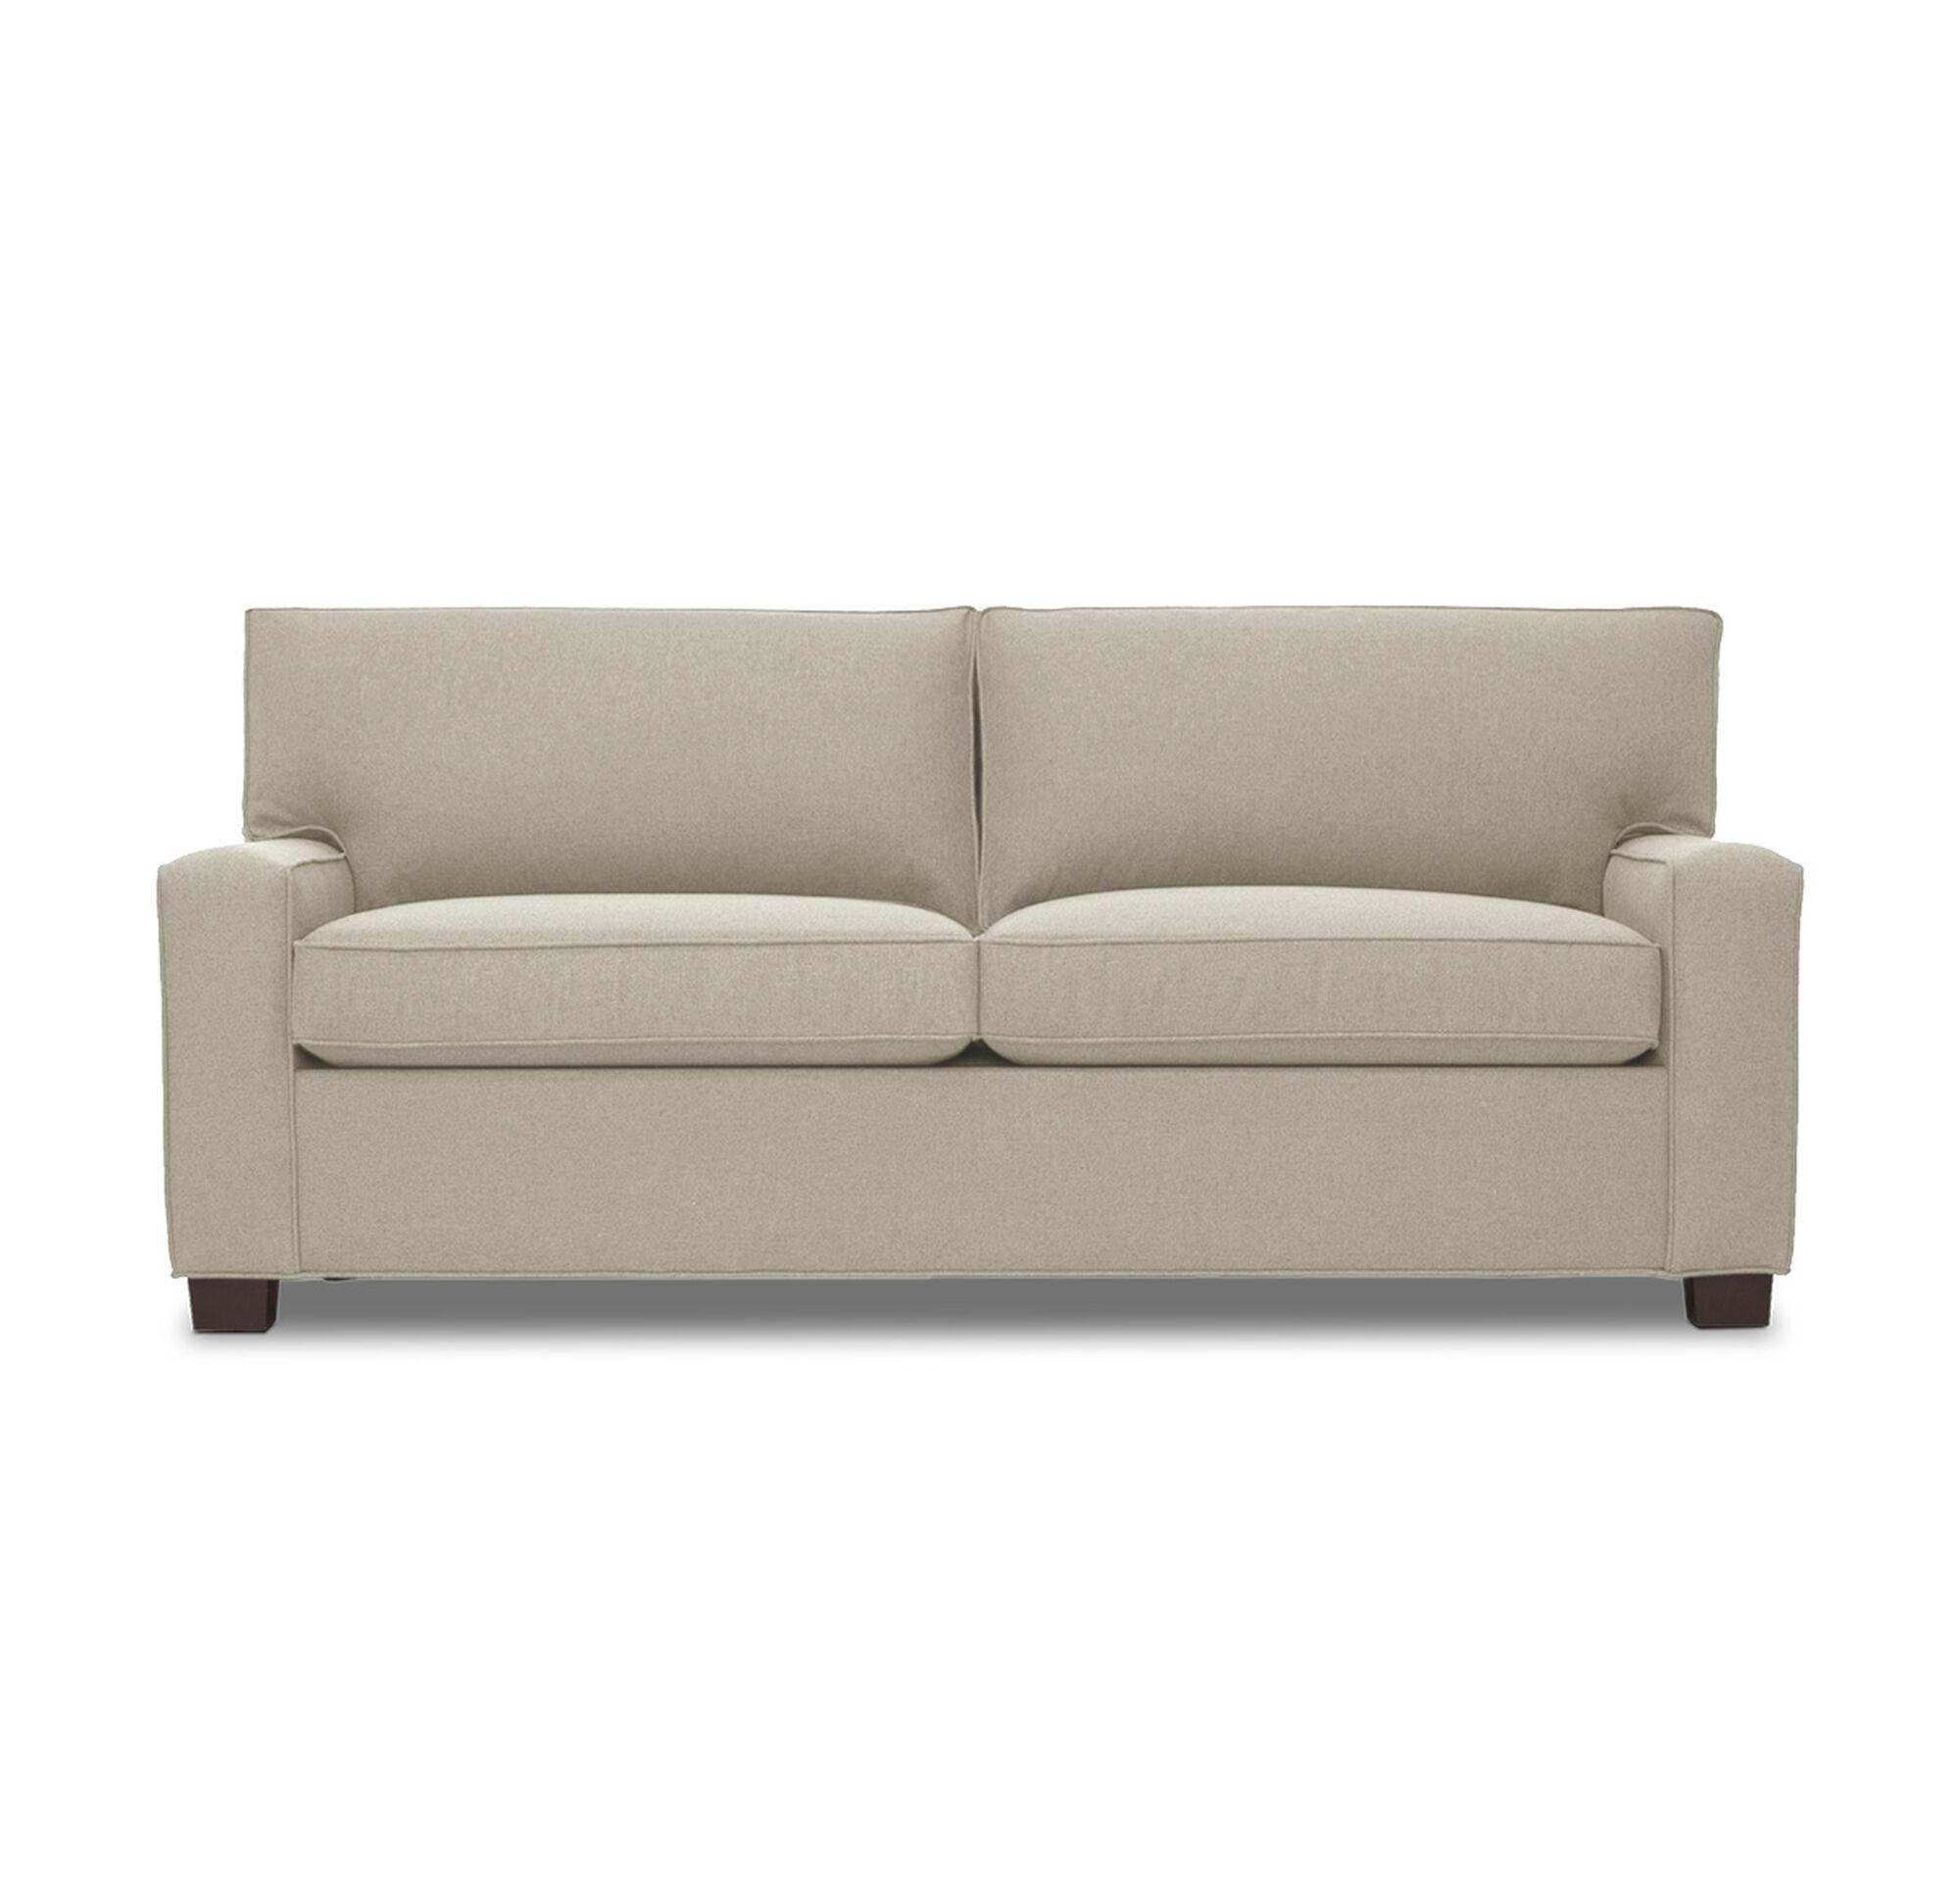 Alex Luxe Queen Sleeper Sofa